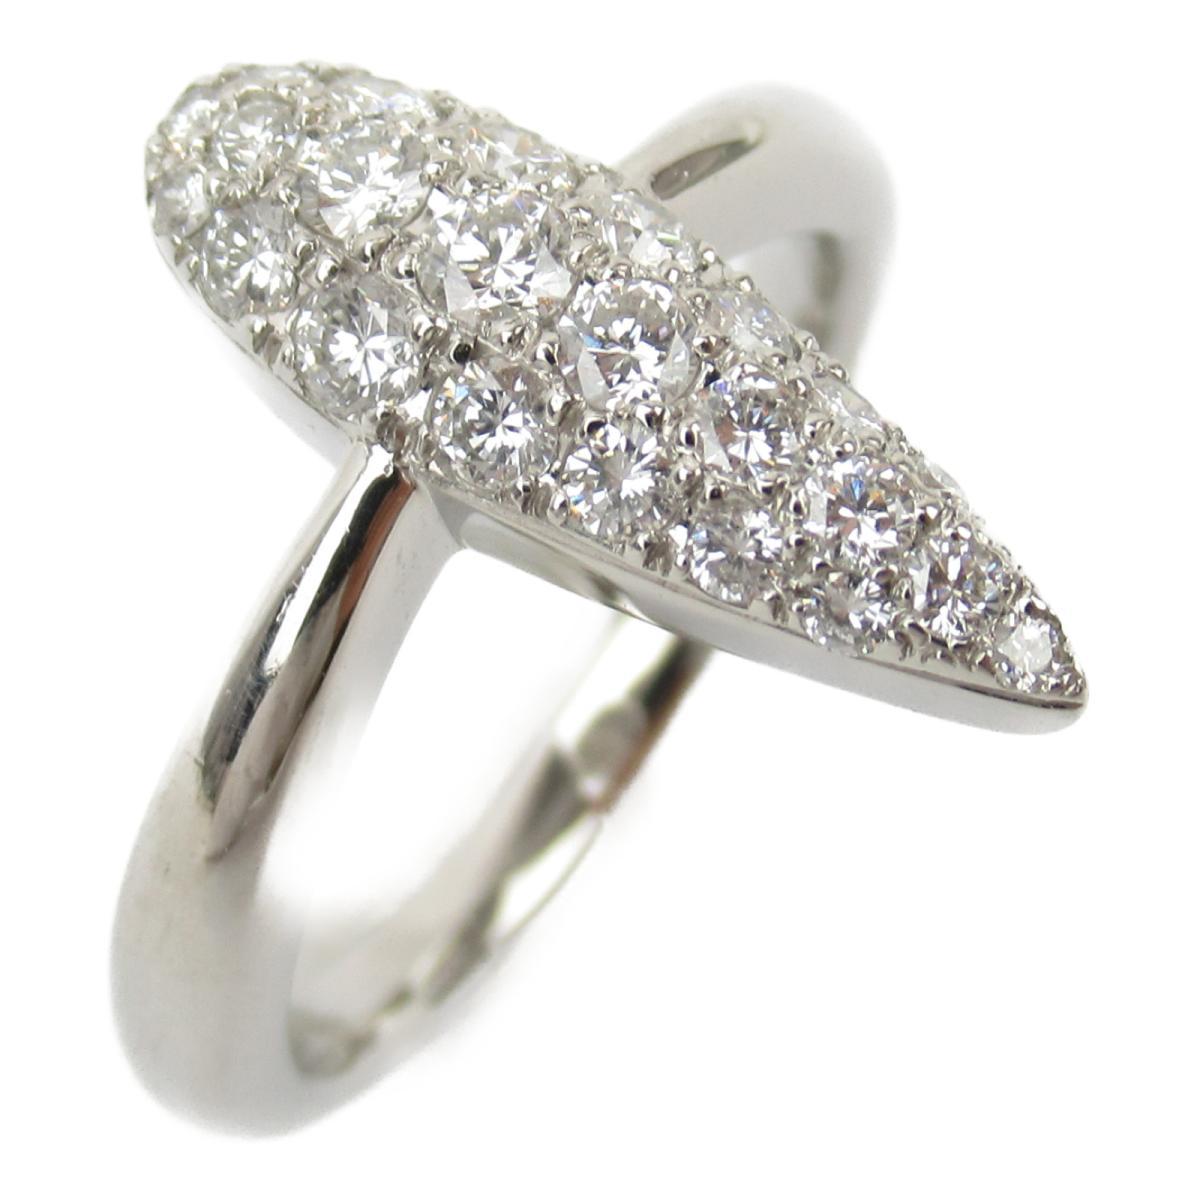 ジュエリー ダイヤモンド リング 指輪 ノーブランドジュエリー レディース PT900 プラチナ x ダイヤモンド0.610ct 【中古】 | JEWELRY BRANDOFF ブランドオフ アクセサリー